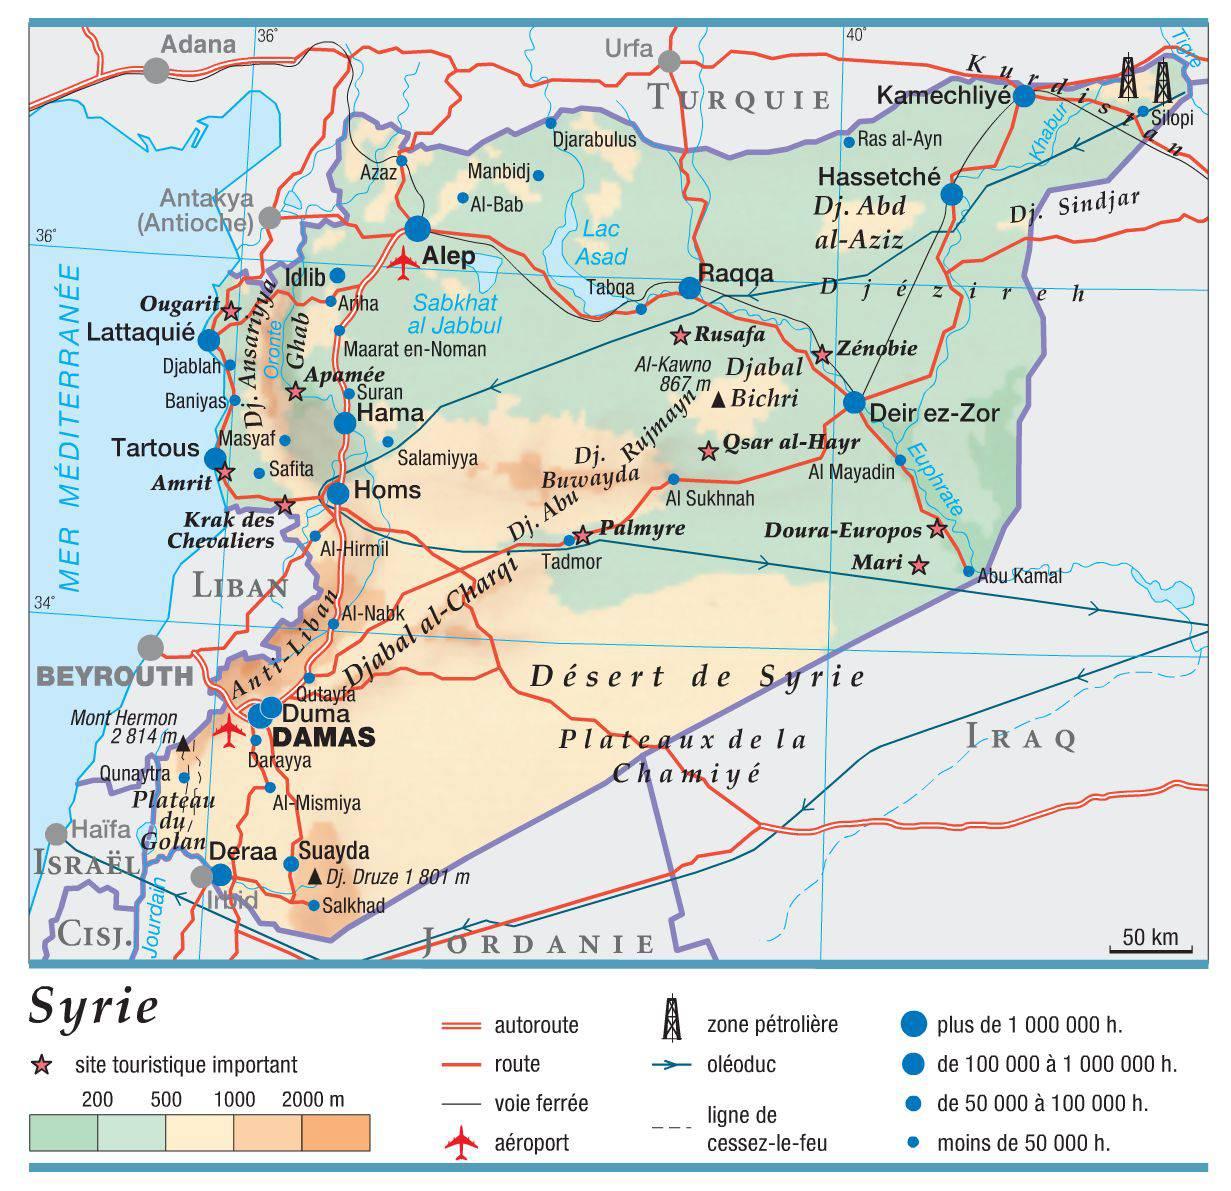 """Résultat de recherche d'images pour """"syrie carte"""""""